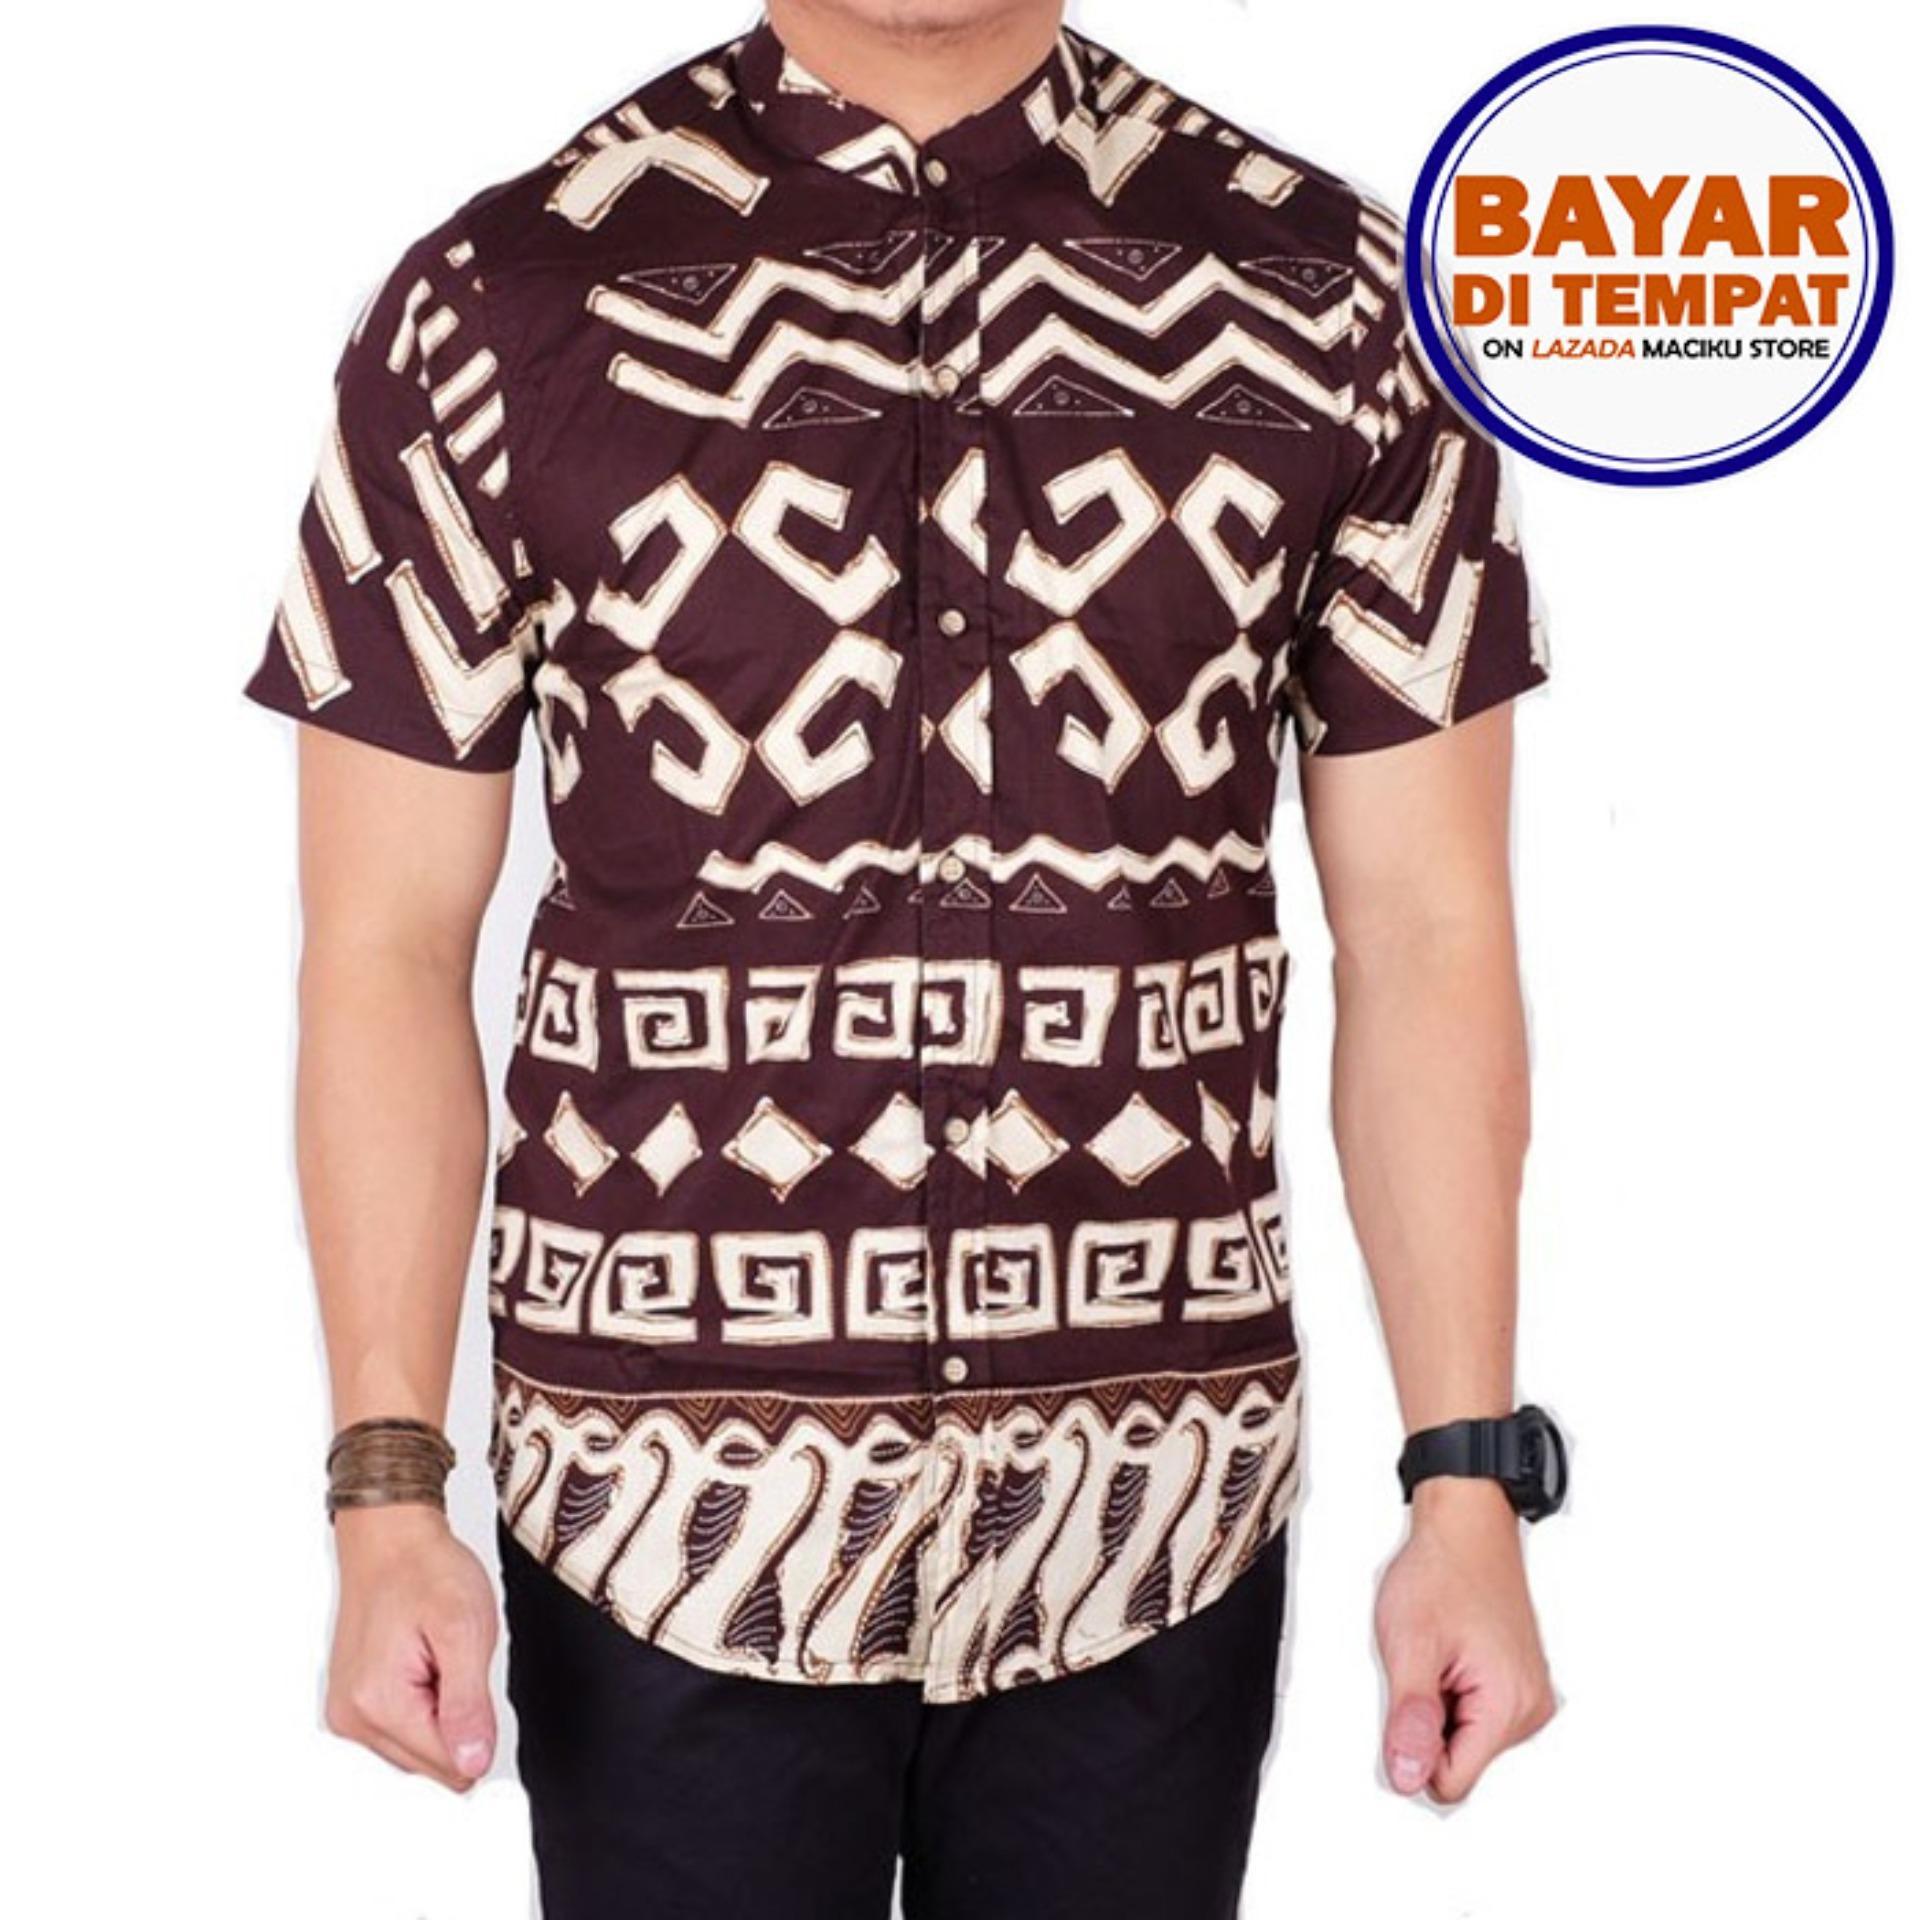 Maciku Kemeja Pria Batik Songket Pria Lengan Pendek Slimfit / Batik Songket Lengan Pendek Kemeja Batik